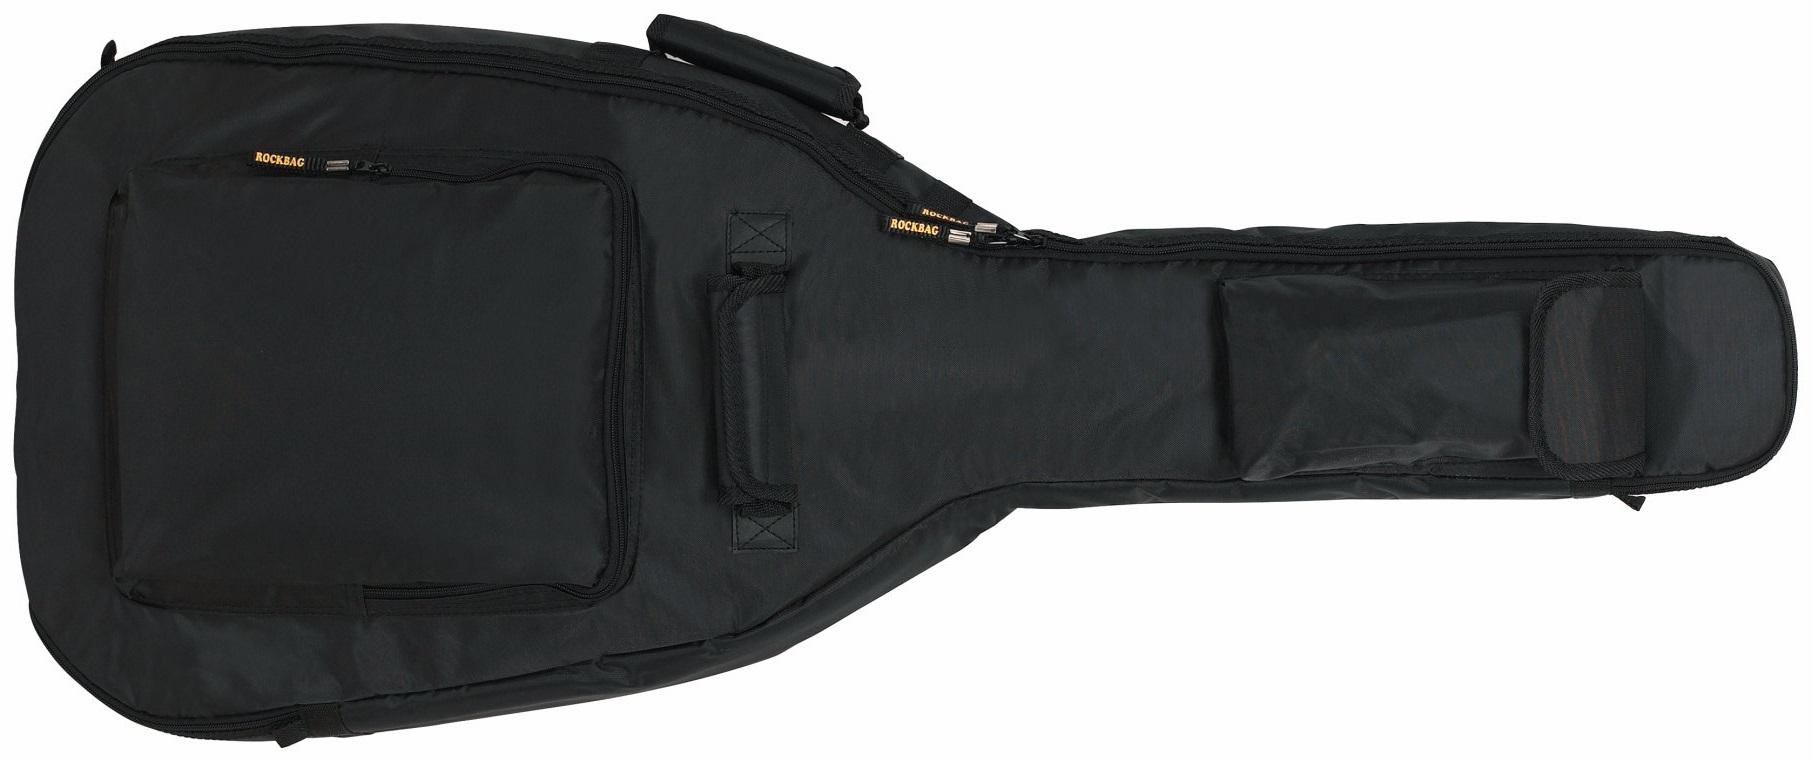 Rockbag RB 20519 B